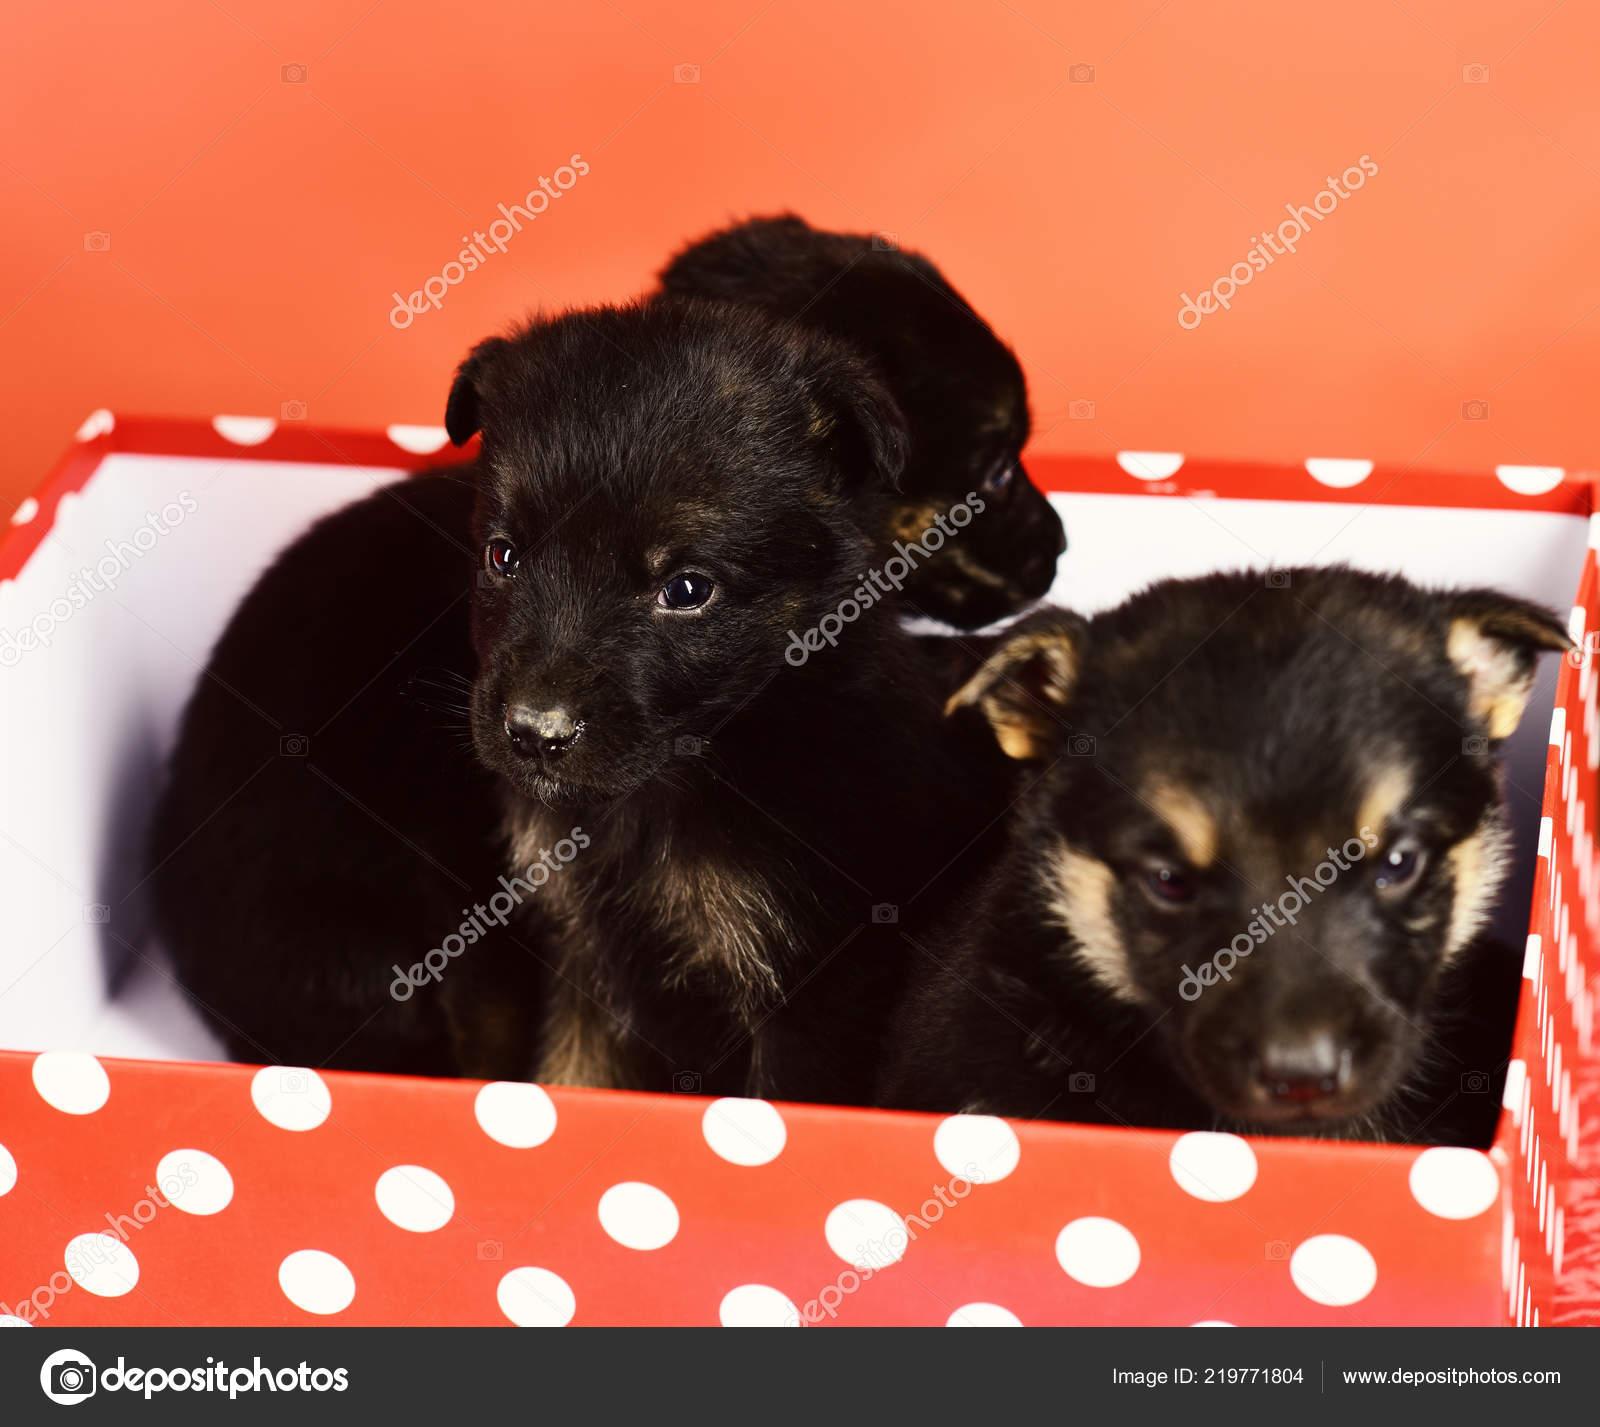 Cuccioli In Regalo Animali Di Piccola Taglia Come Regali Di Natale